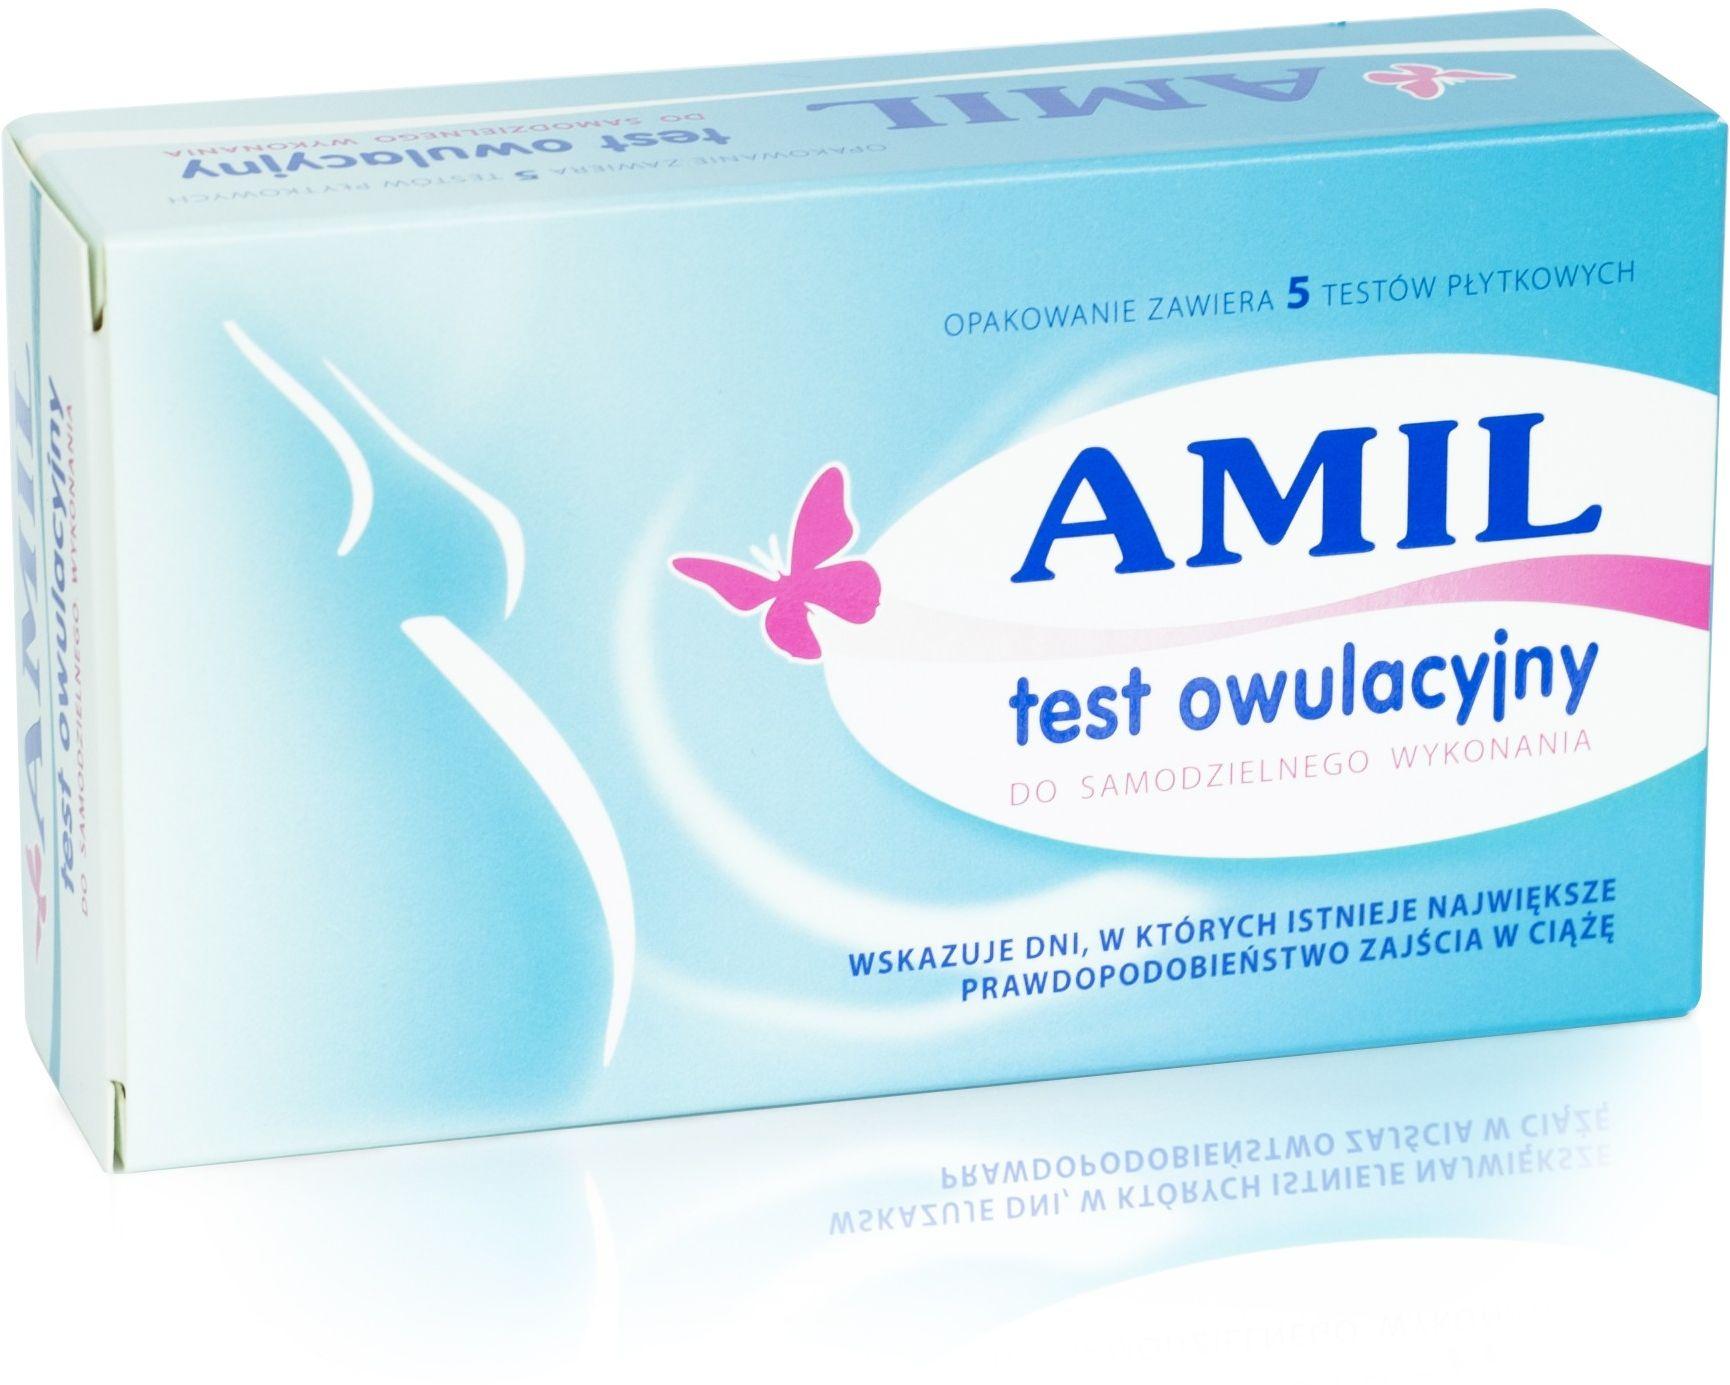 Test owulacyjny Amil